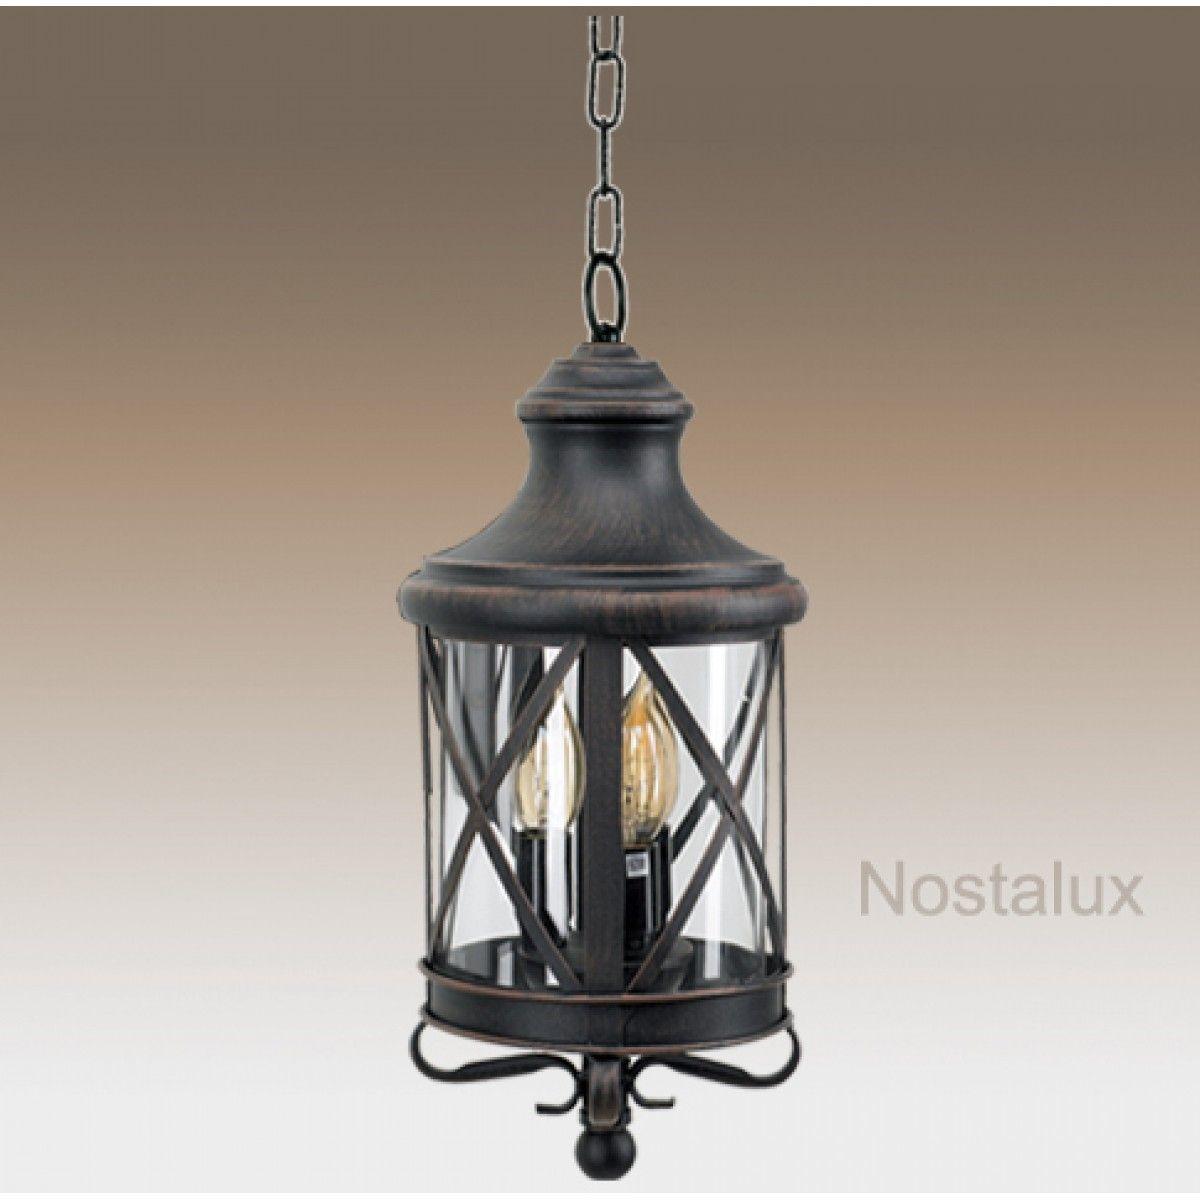 Romantica aan ketting (7420) - KS Verlichting - Buitenverlichting ...